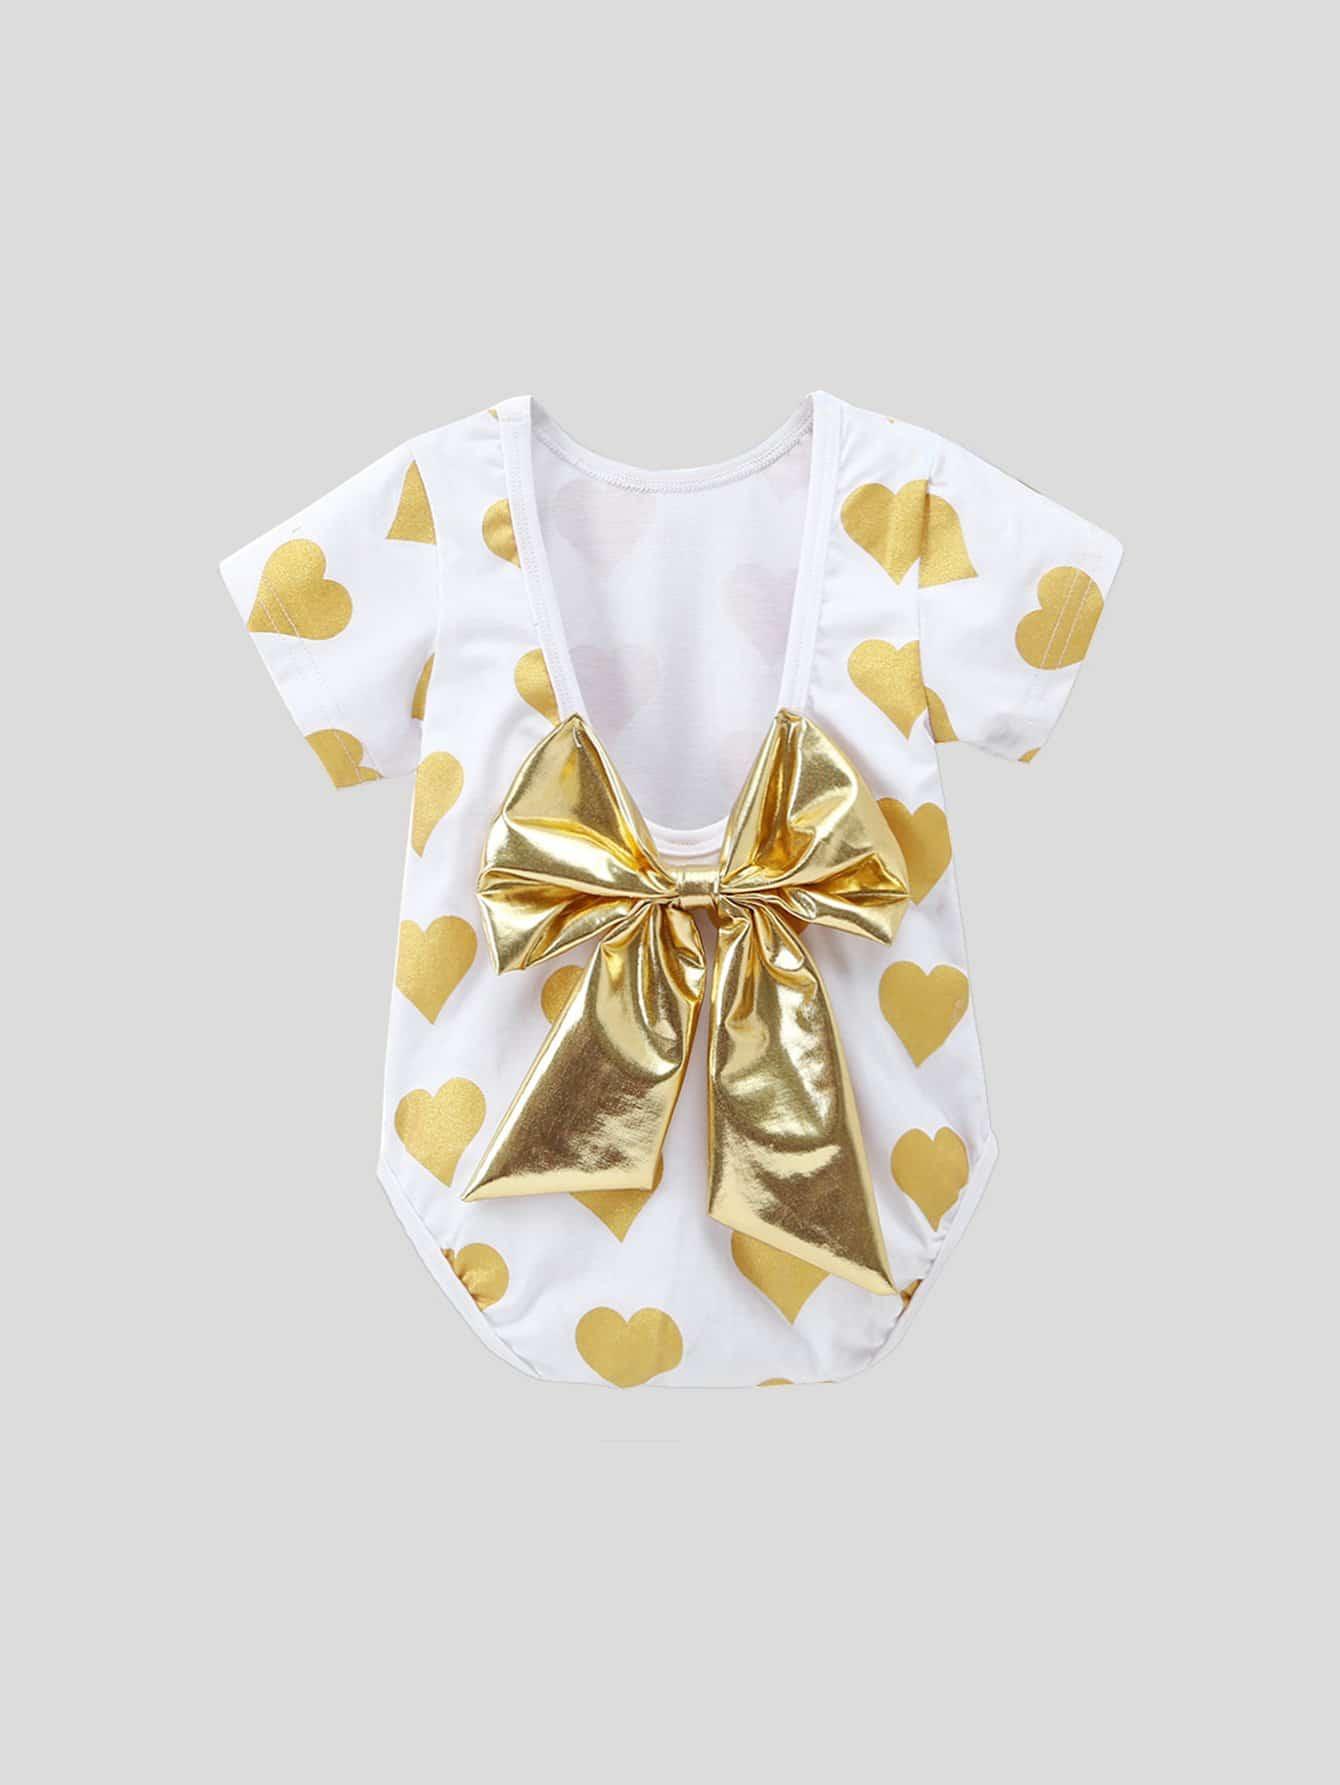 Baby Bow Back Heart Print Romper, null, SheIn  - купить со скидкой